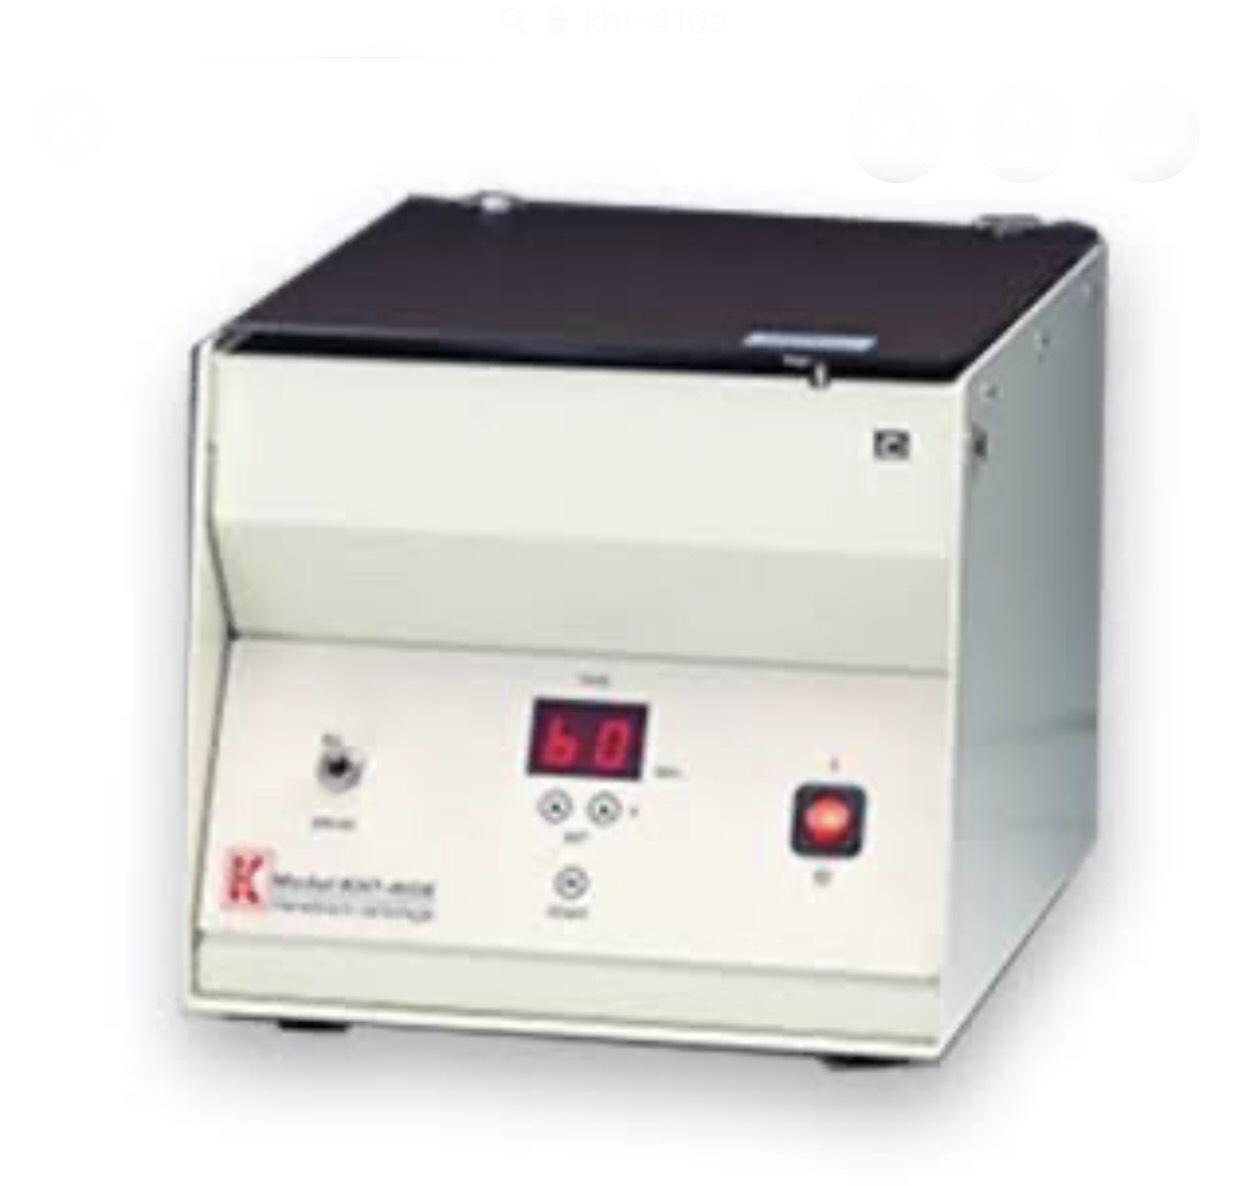 เครื่องหมุนเหวี่ยงเพื่อตรวจปริมาตรเม็ดเลือดแดงอัดแน่น (Hematocrit Centrifuge) รุ่น KHT-410E(b)